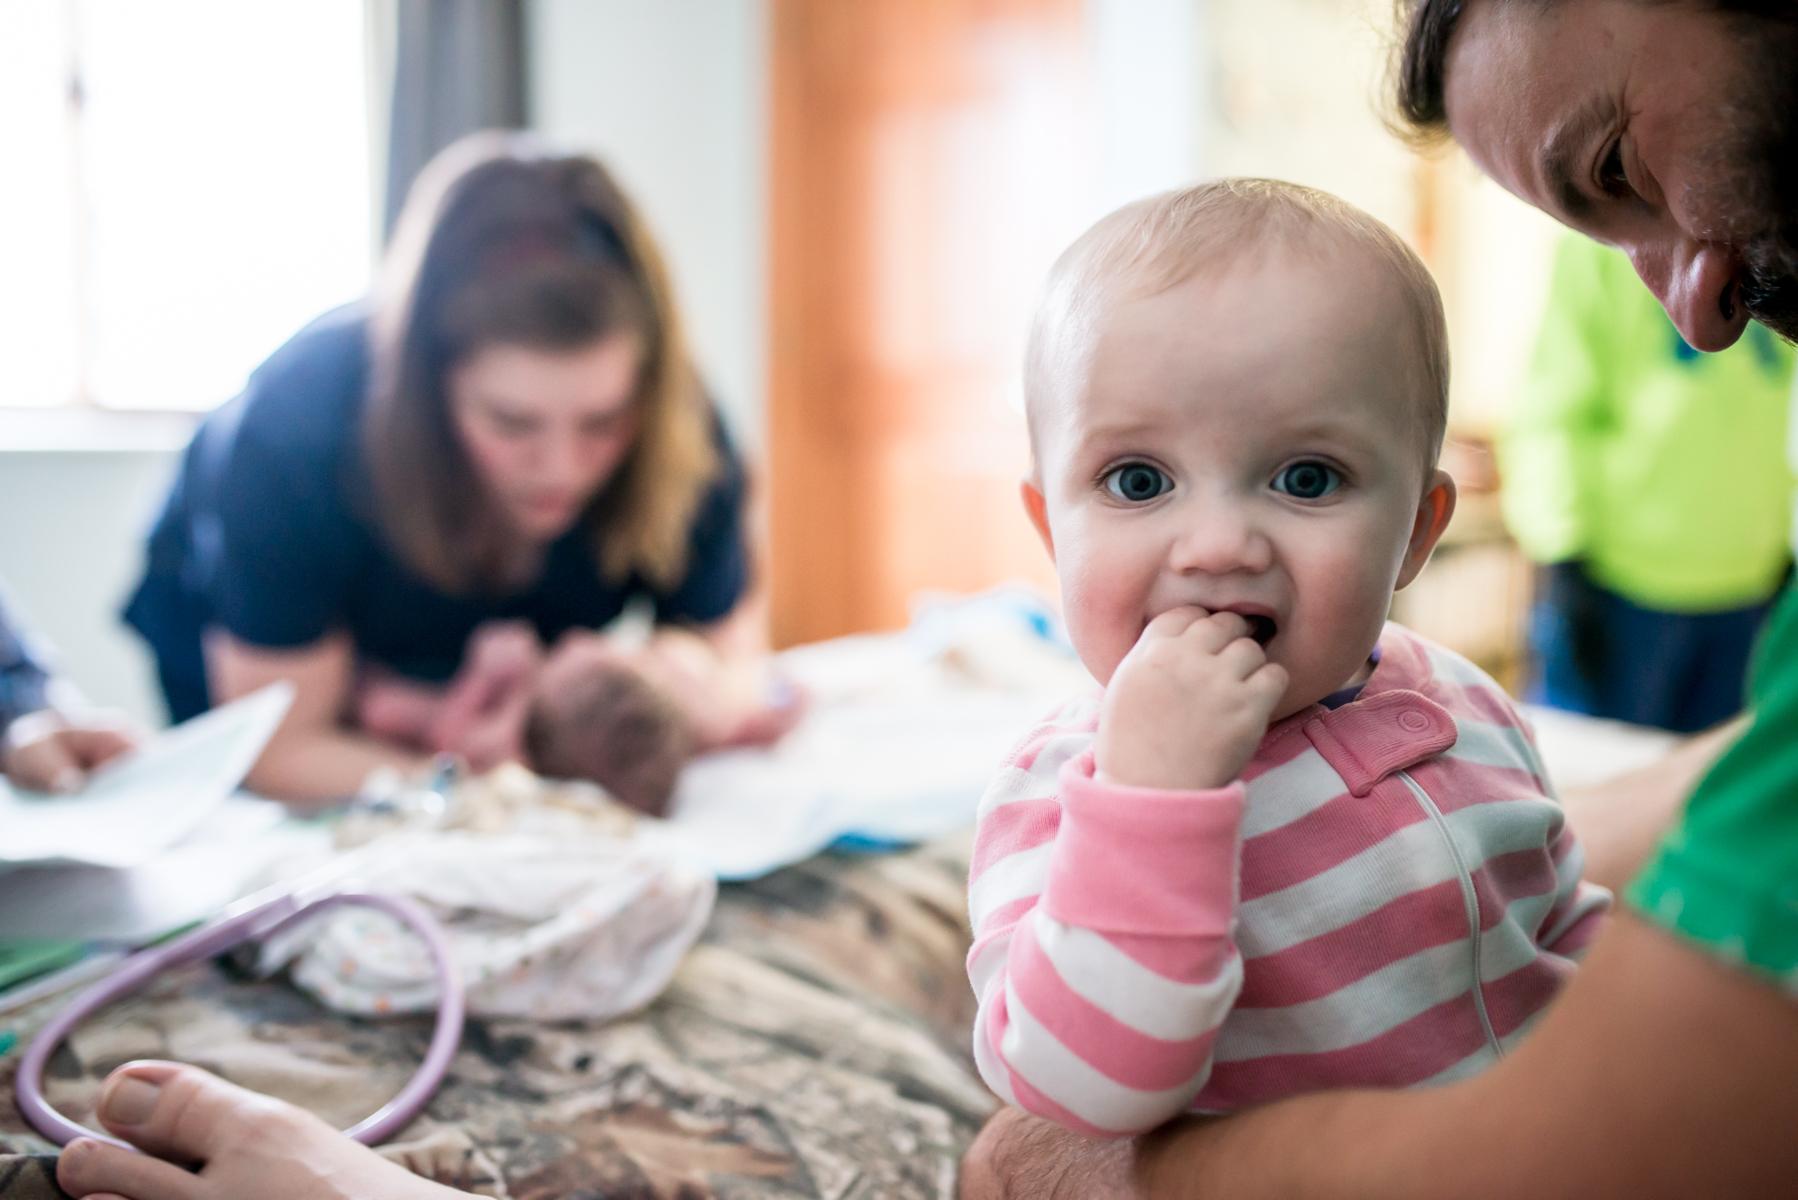 Baby-Watches-Newborn-Exam